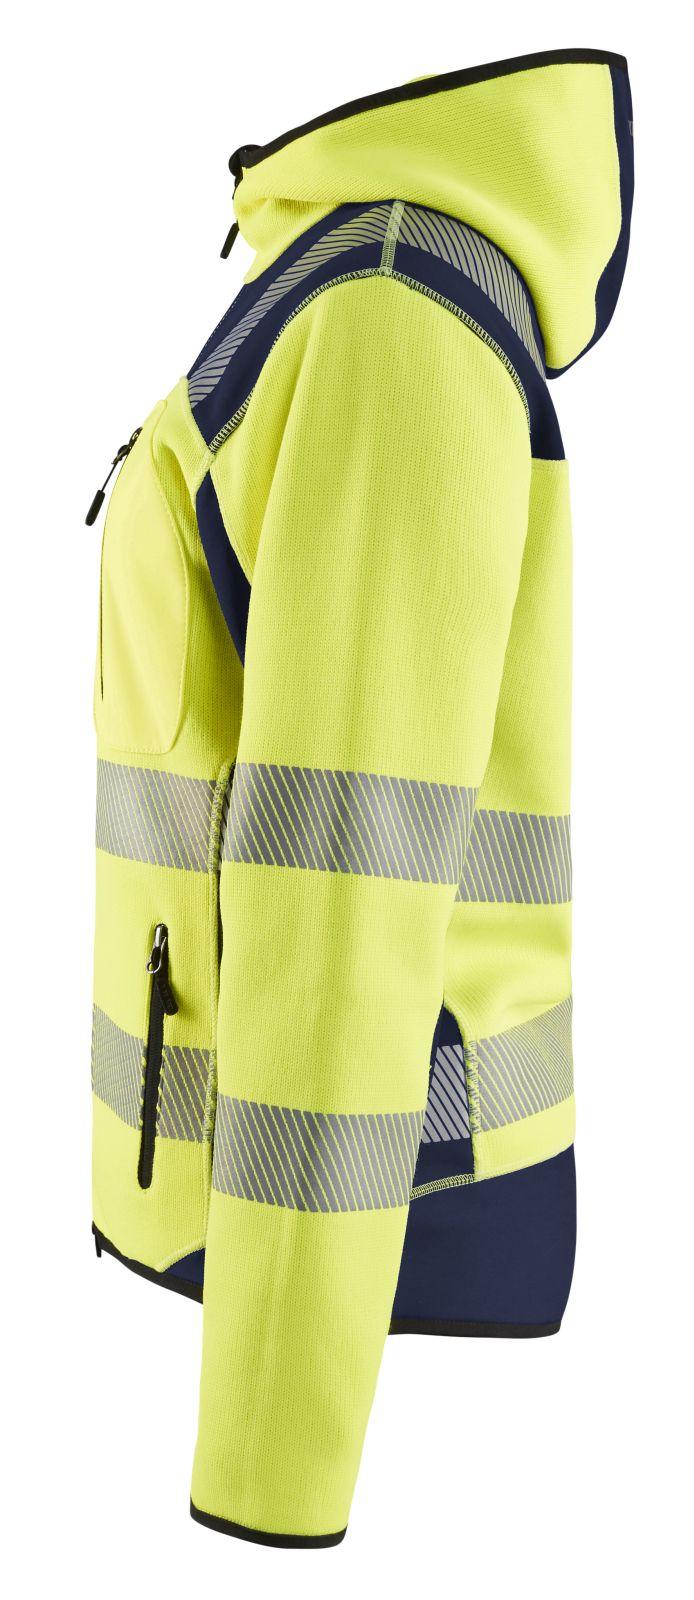 Blaklader Jassen 49672120 High Vis fluo geel-marineblauw(3389)